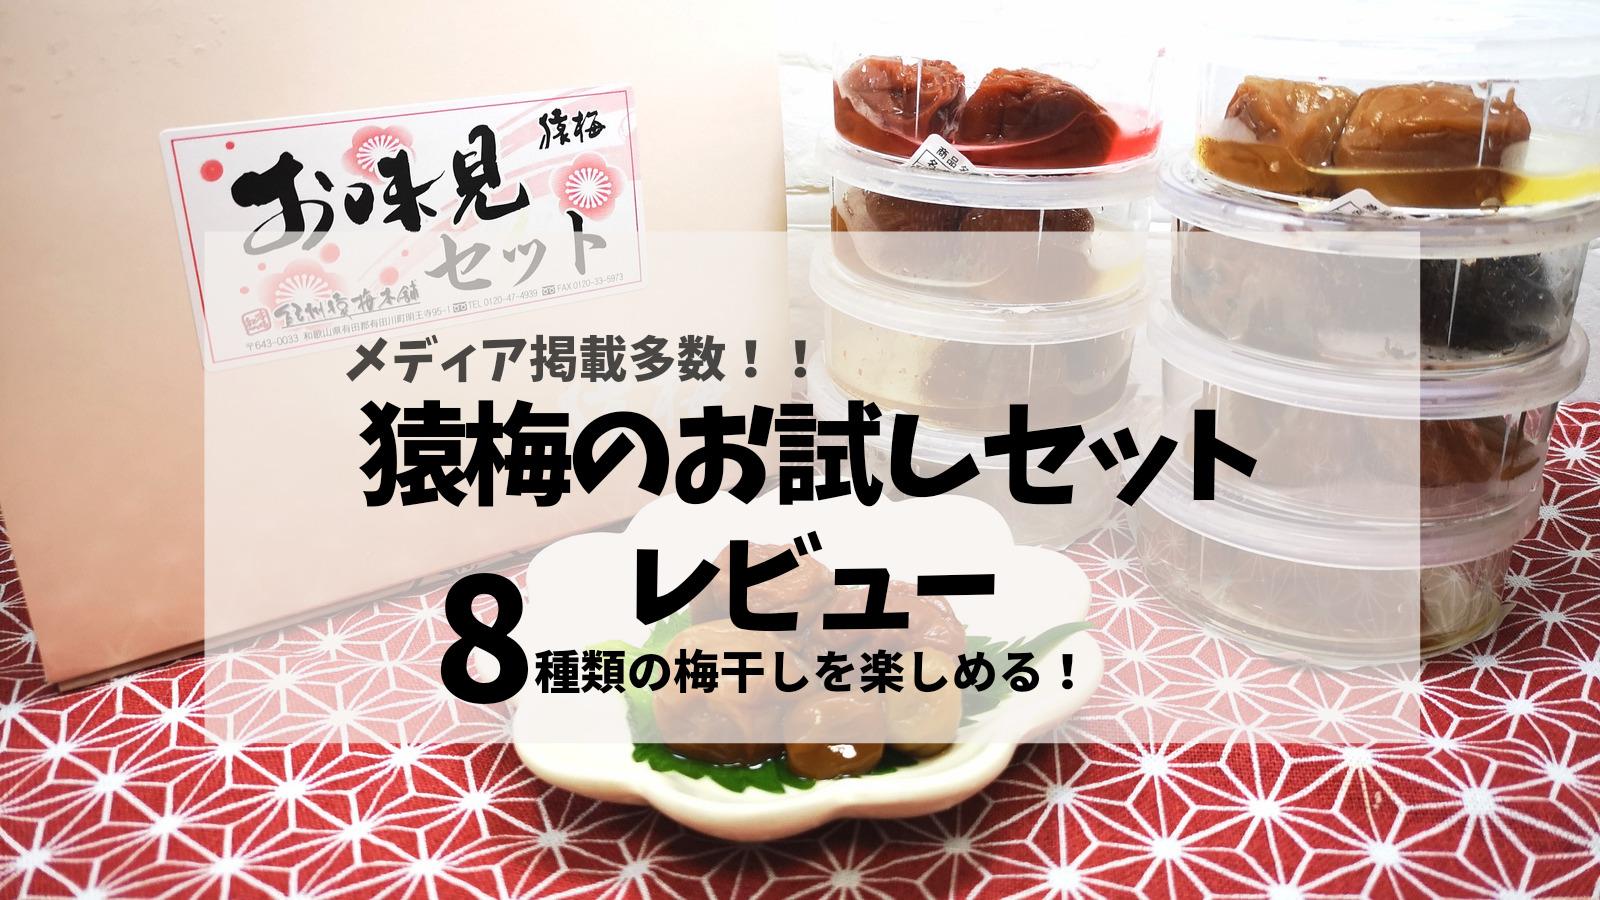 【メディア掲載多数】8種類の梅干しを楽しめる「紀州猿梅本舗 お試しセット」レビュー